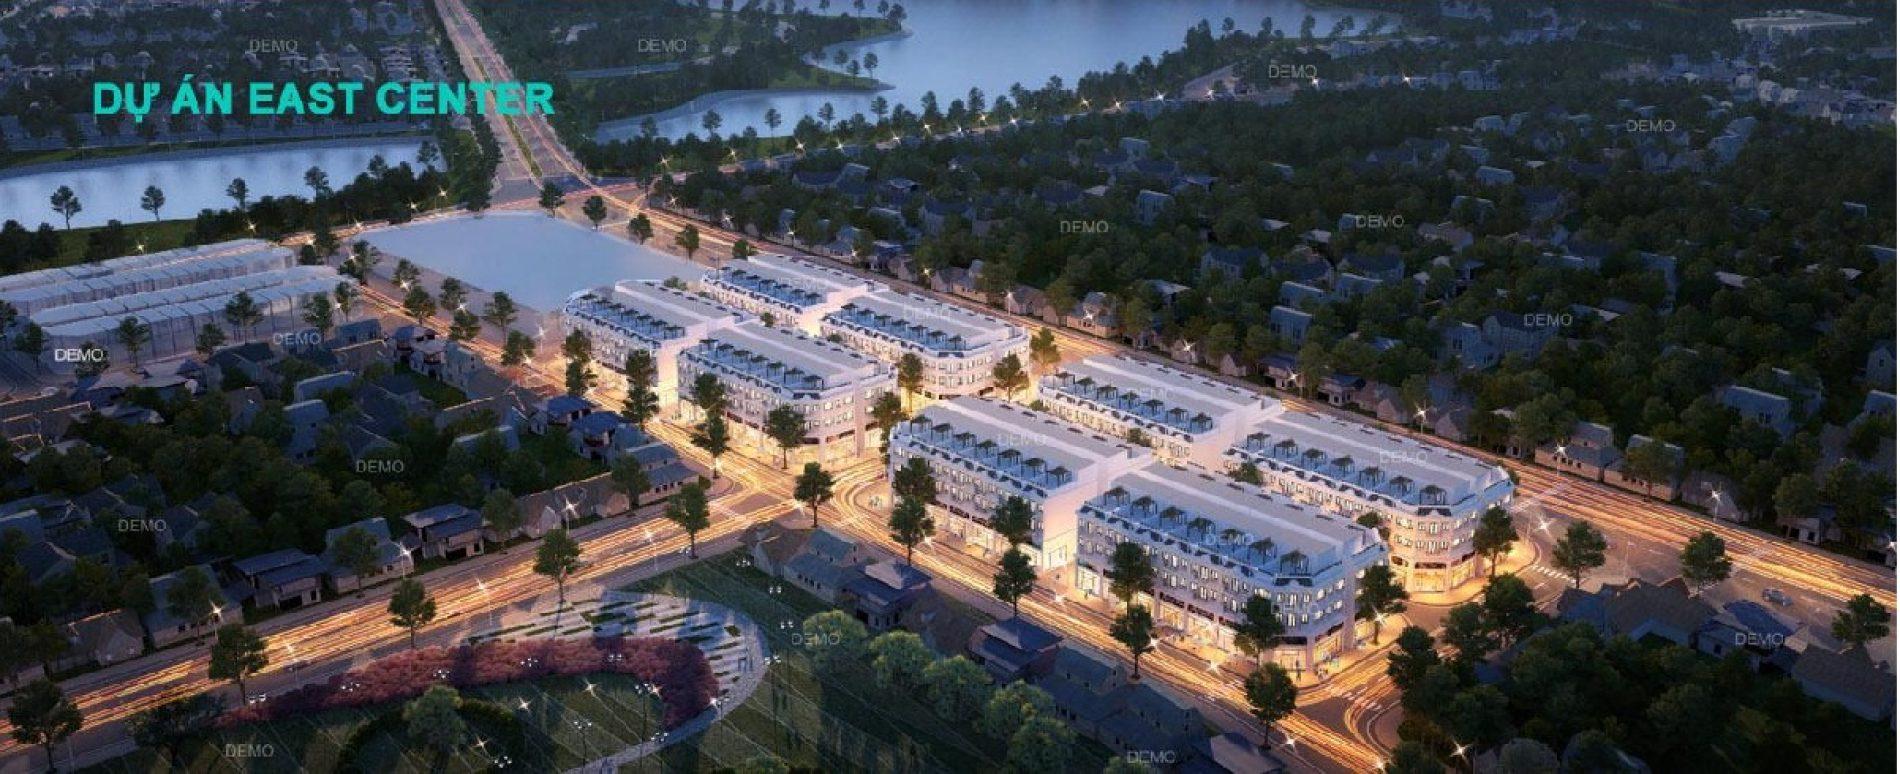 Dự án East Center Khu Đô Thị Mới Trâu Qùy